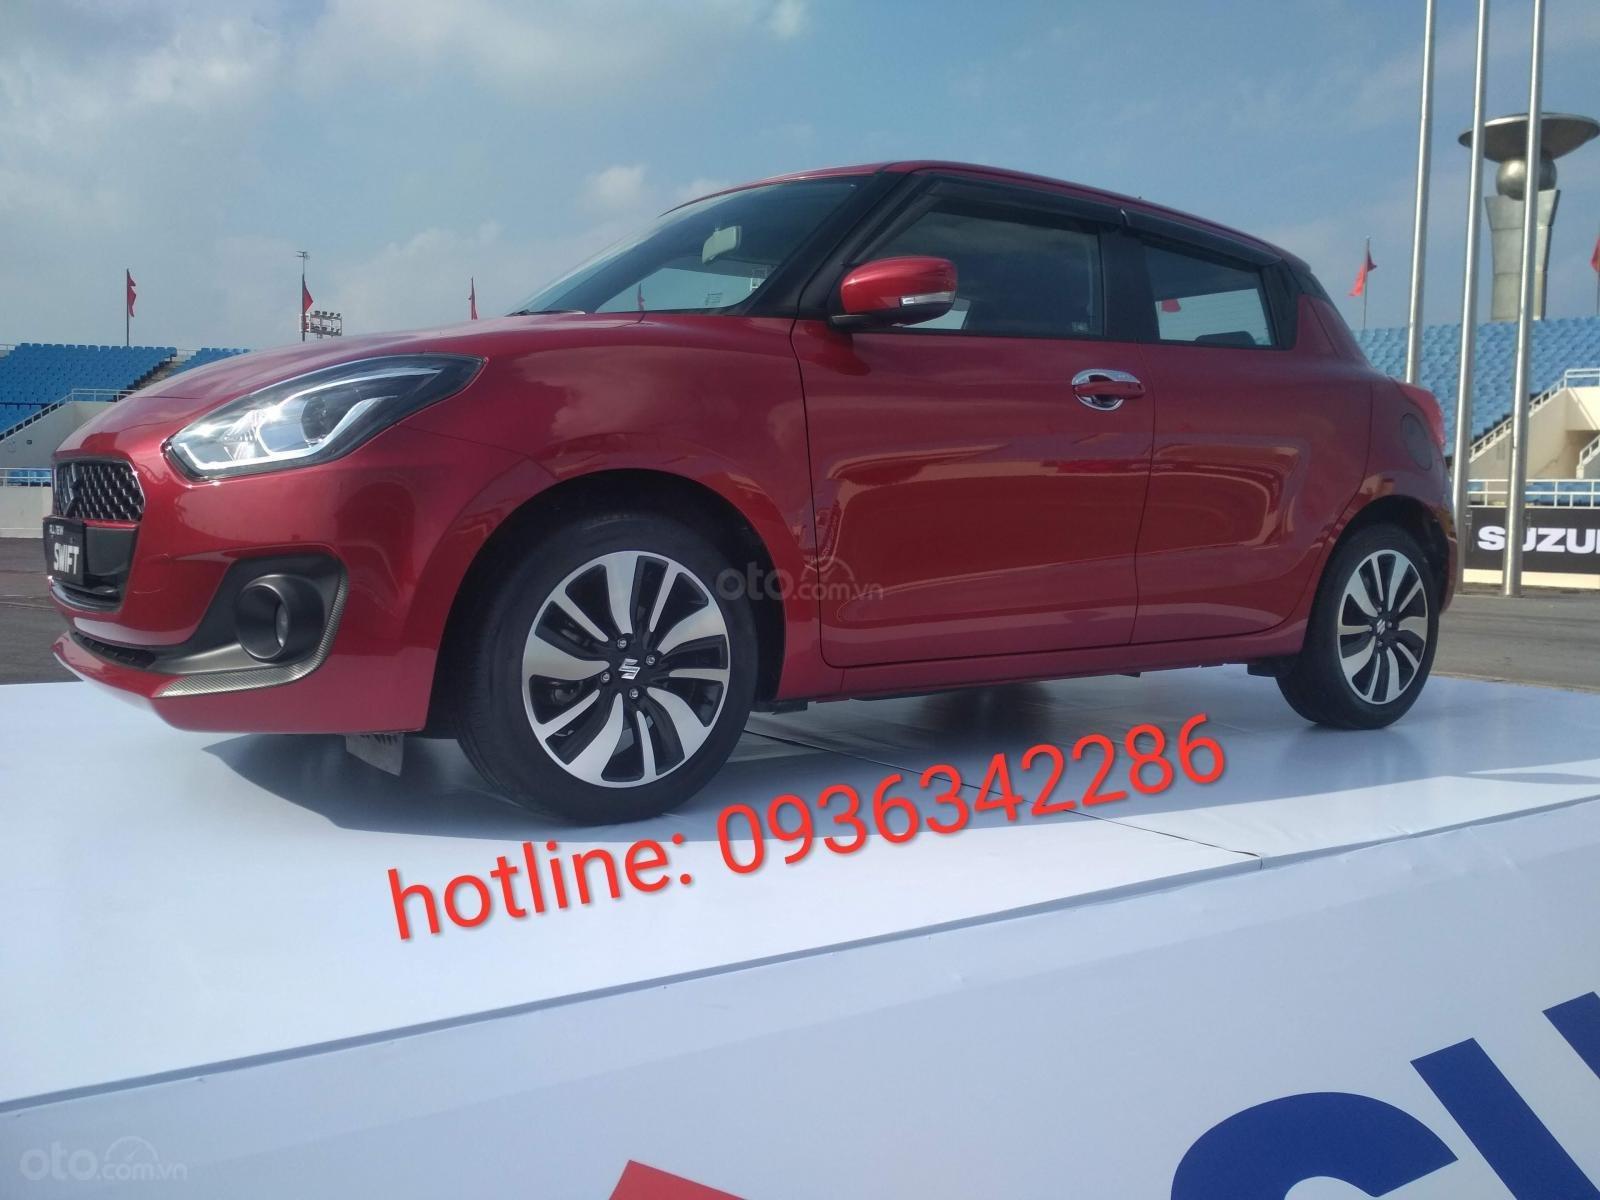 Bán xe Suzuki Swift, nhập khẩu nguyên chiếc, giá tốt nhất thị trường, liên hệ: 0936342286 (2)